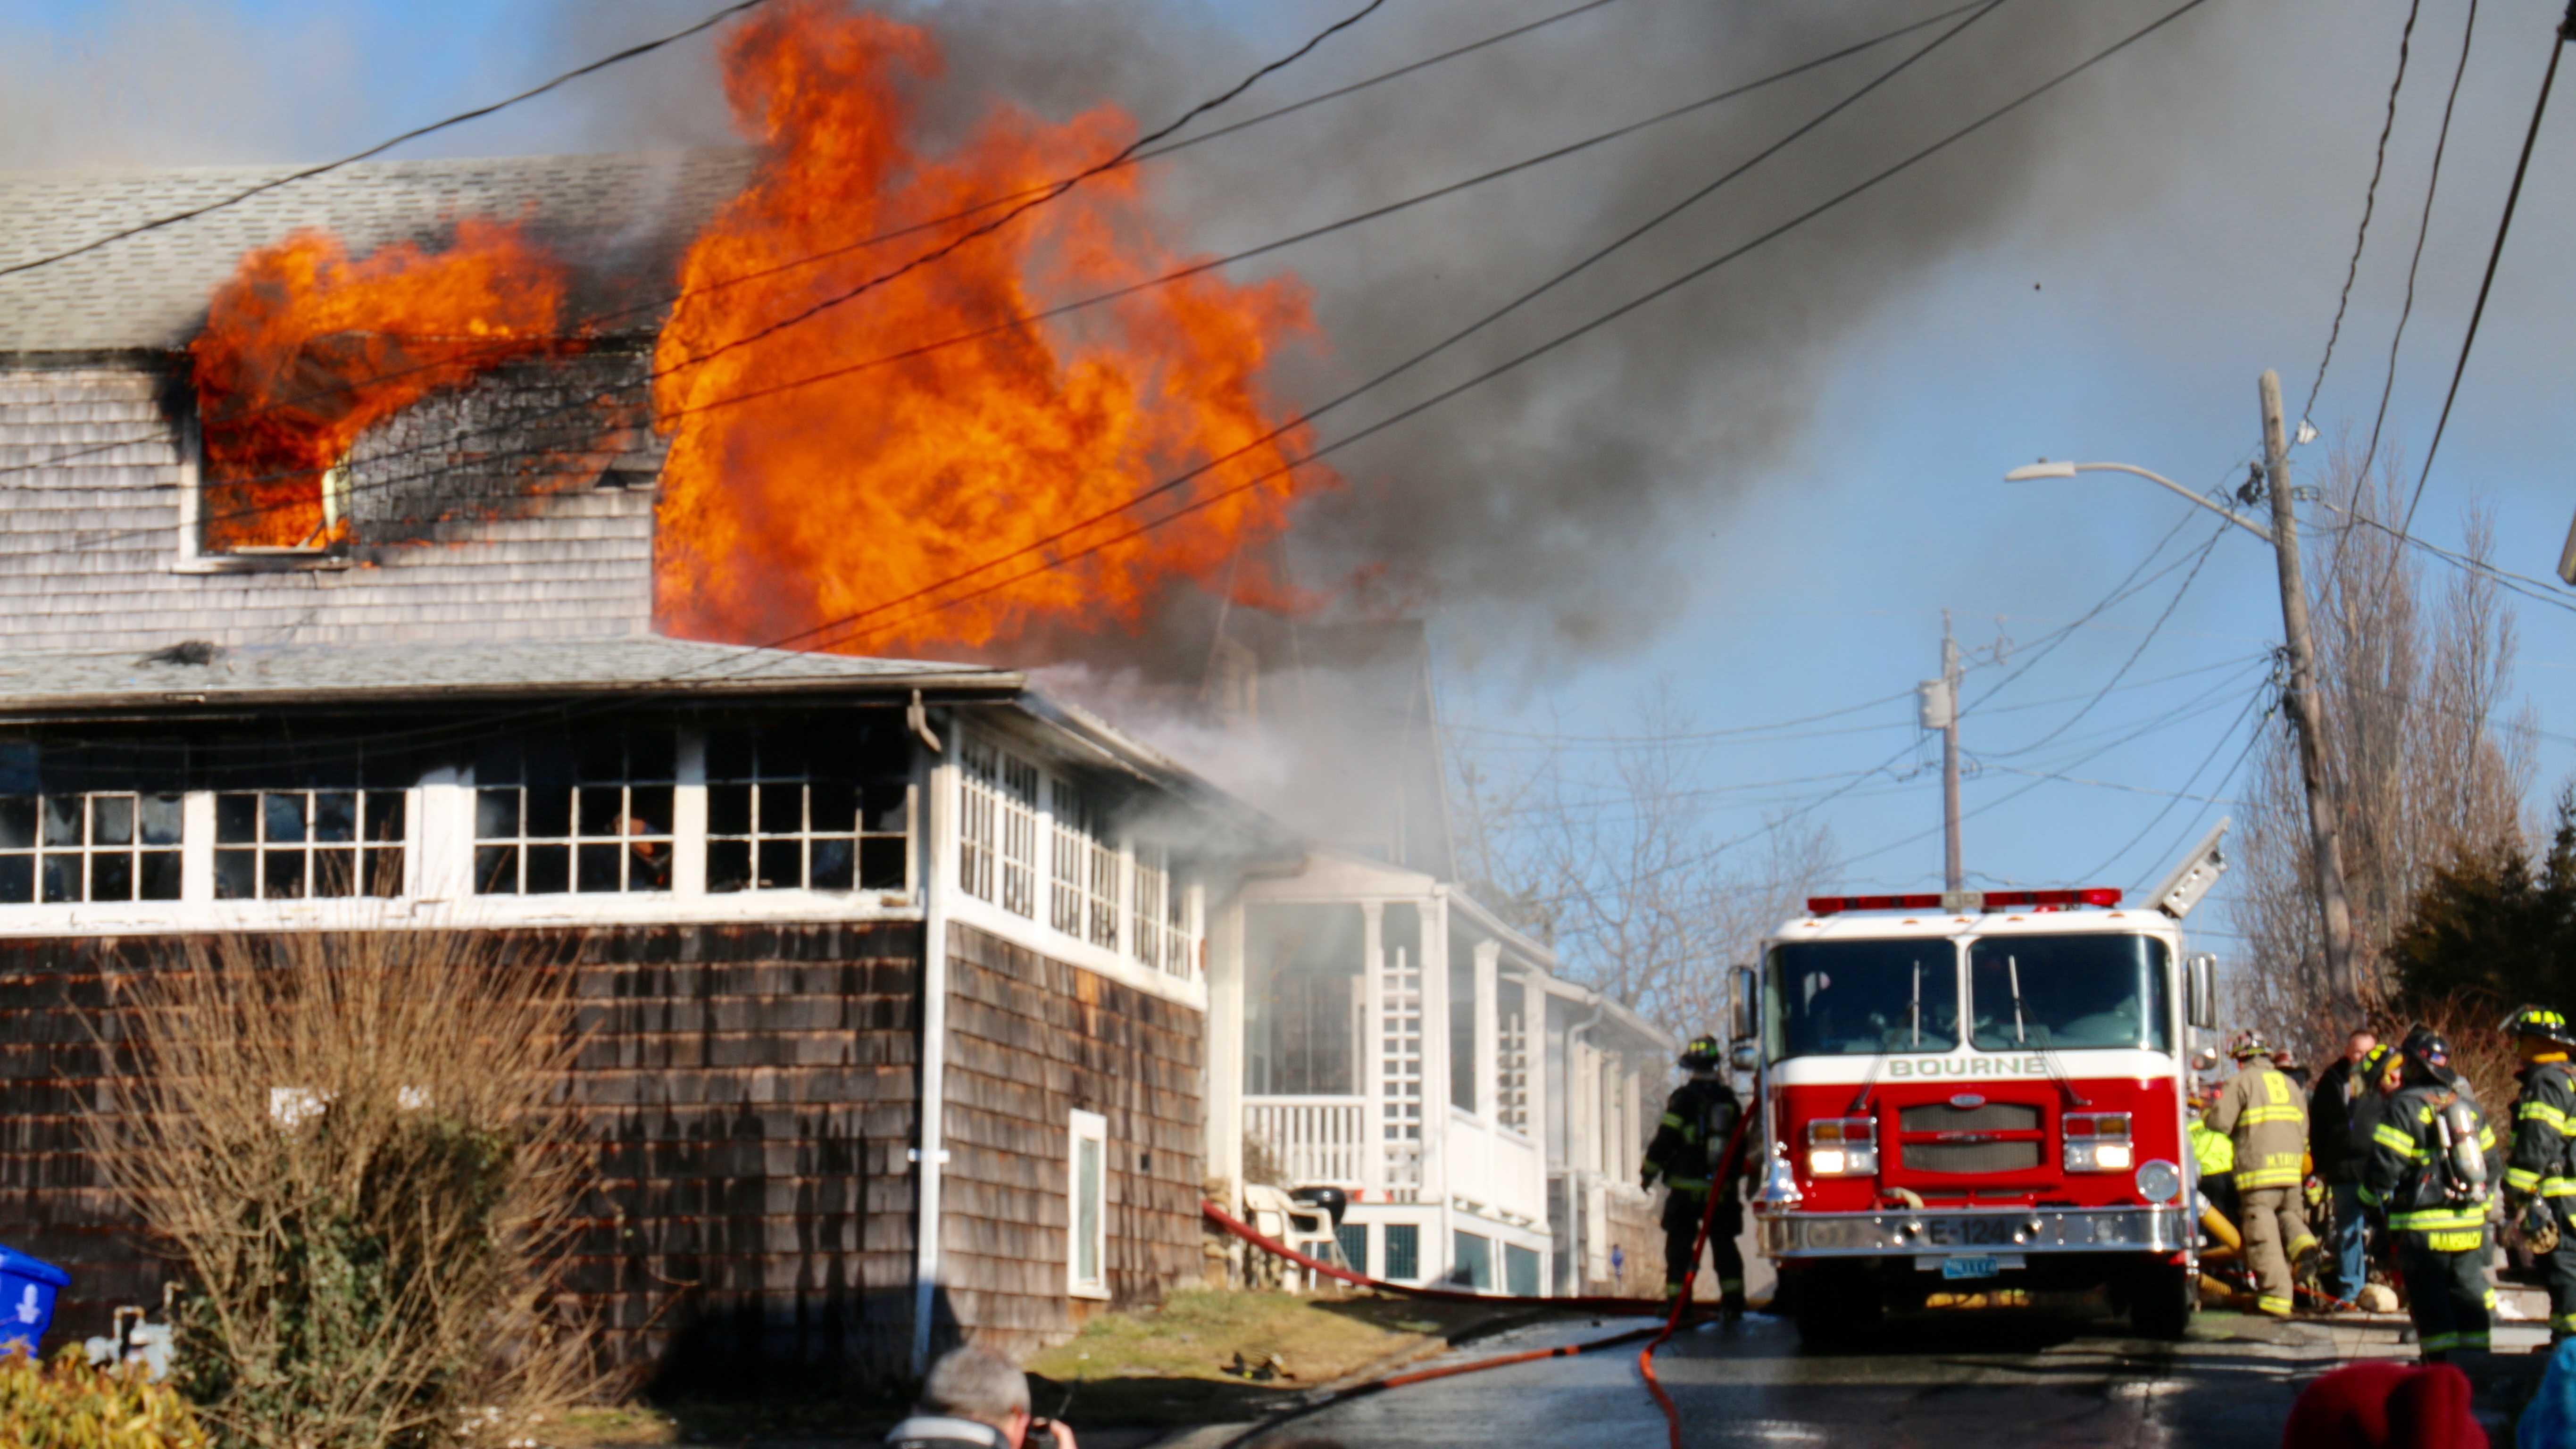 Bourne 2-alarm fire